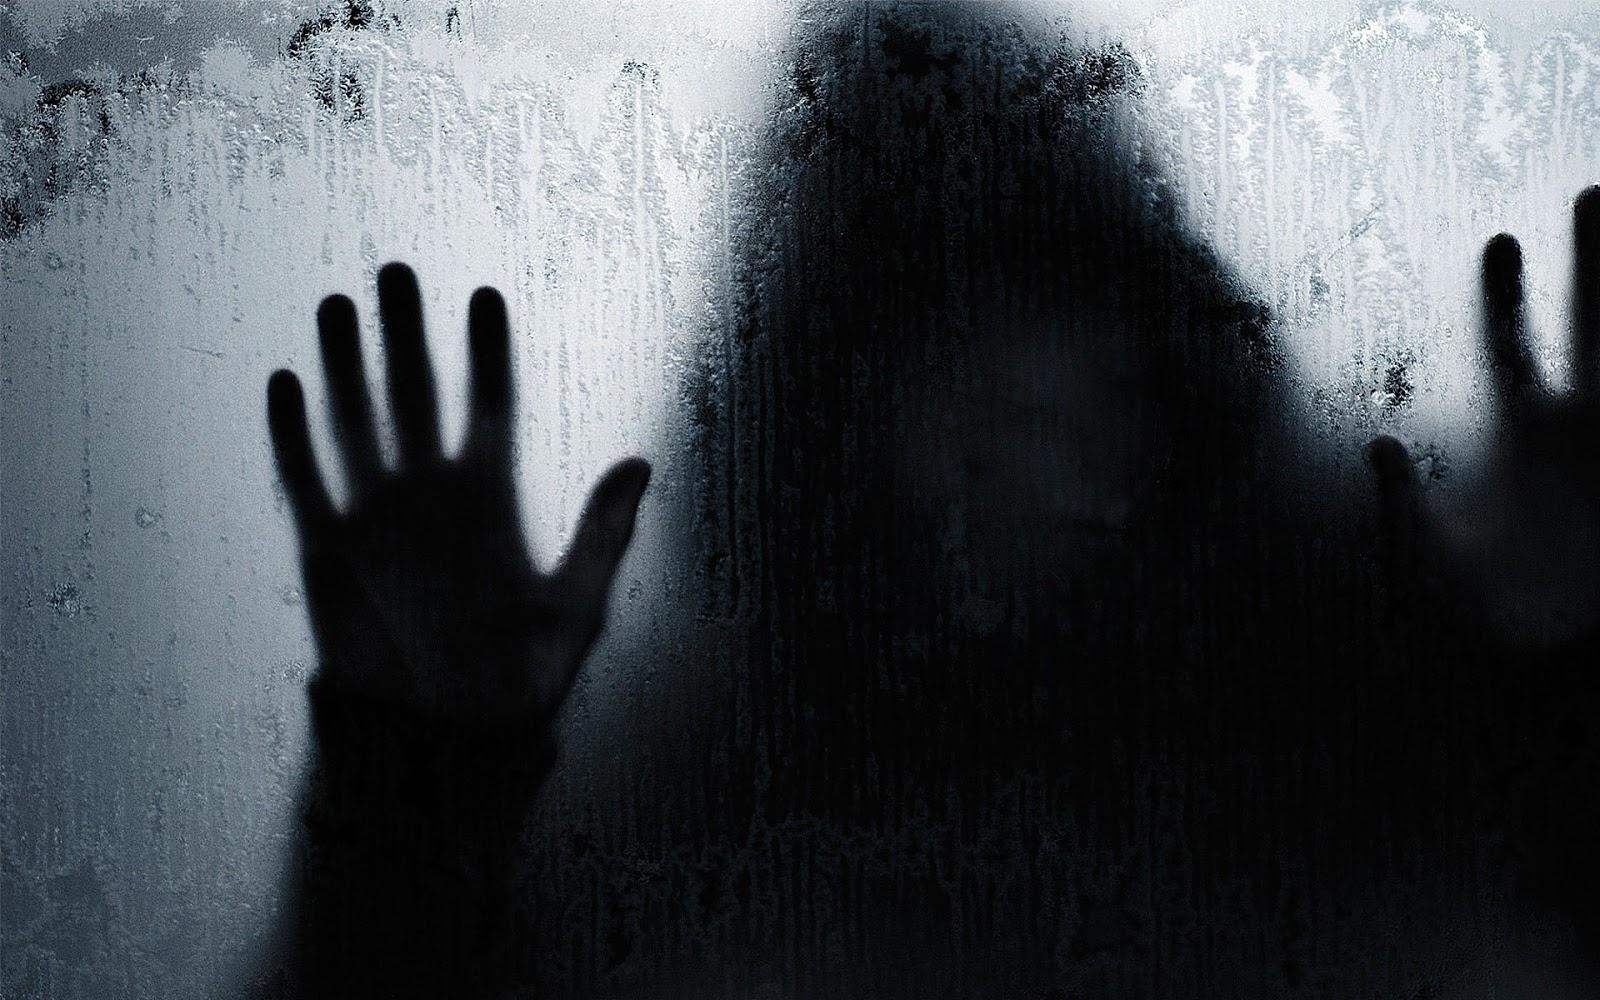 spooky people